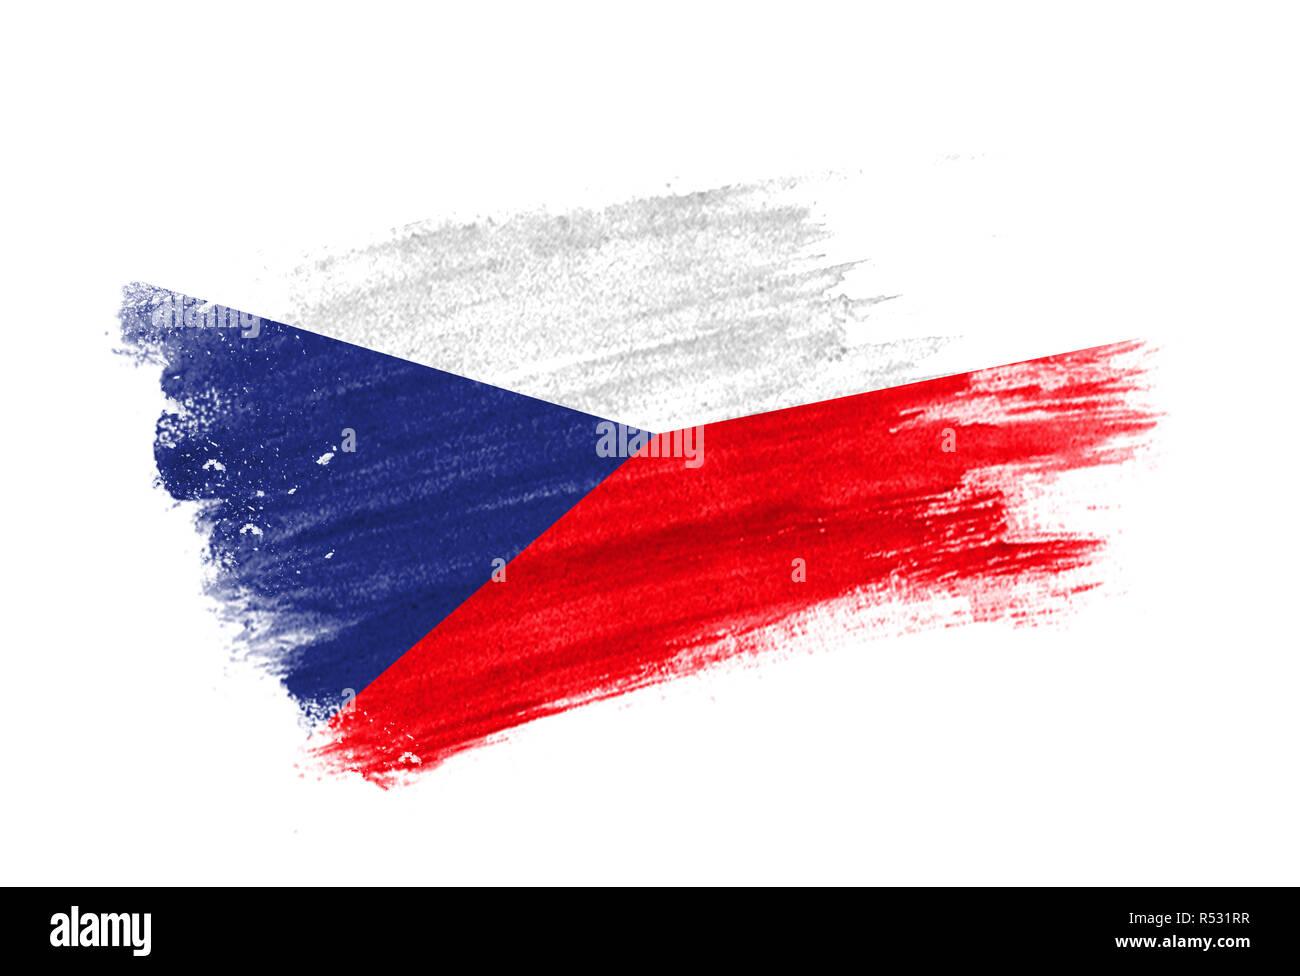 Dipinta A Pennello Bandiera Repubblica Ceca Disegnata A Mano Stile Bandiera Della Repubblica Ceca Foto Stock Alamy